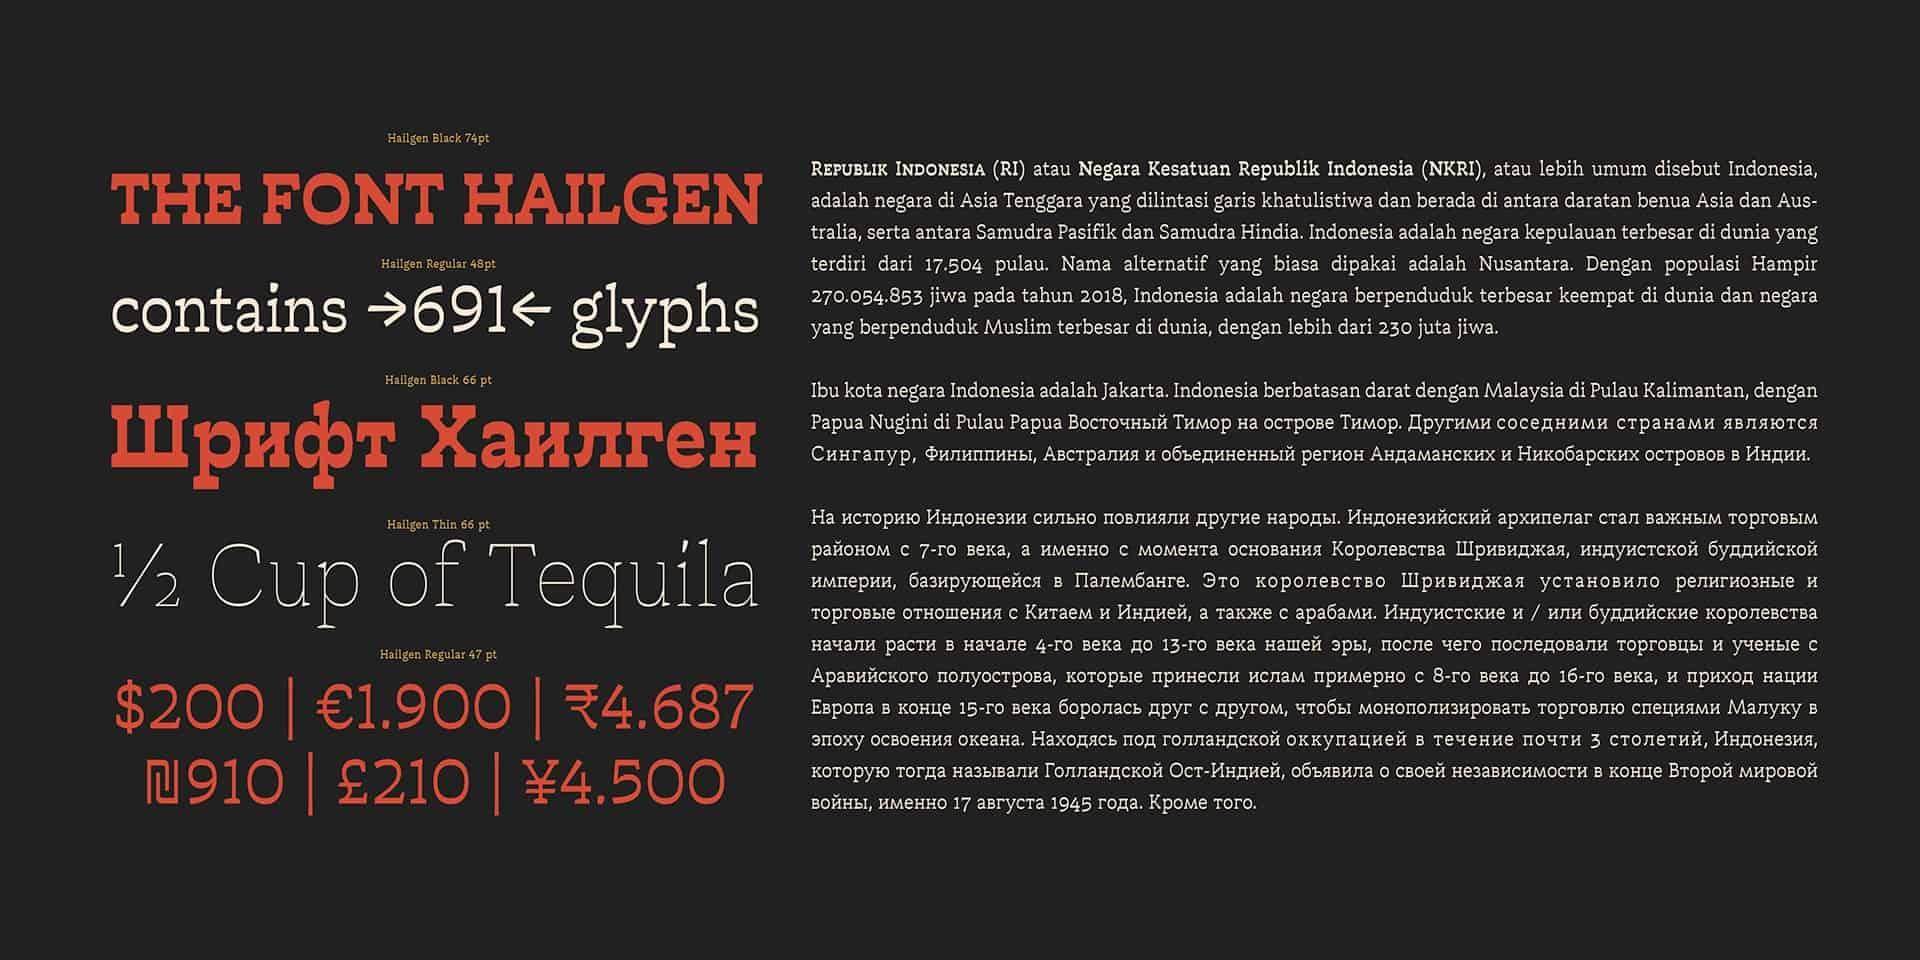 Hailgen Thin шрифт скачать бесплатно